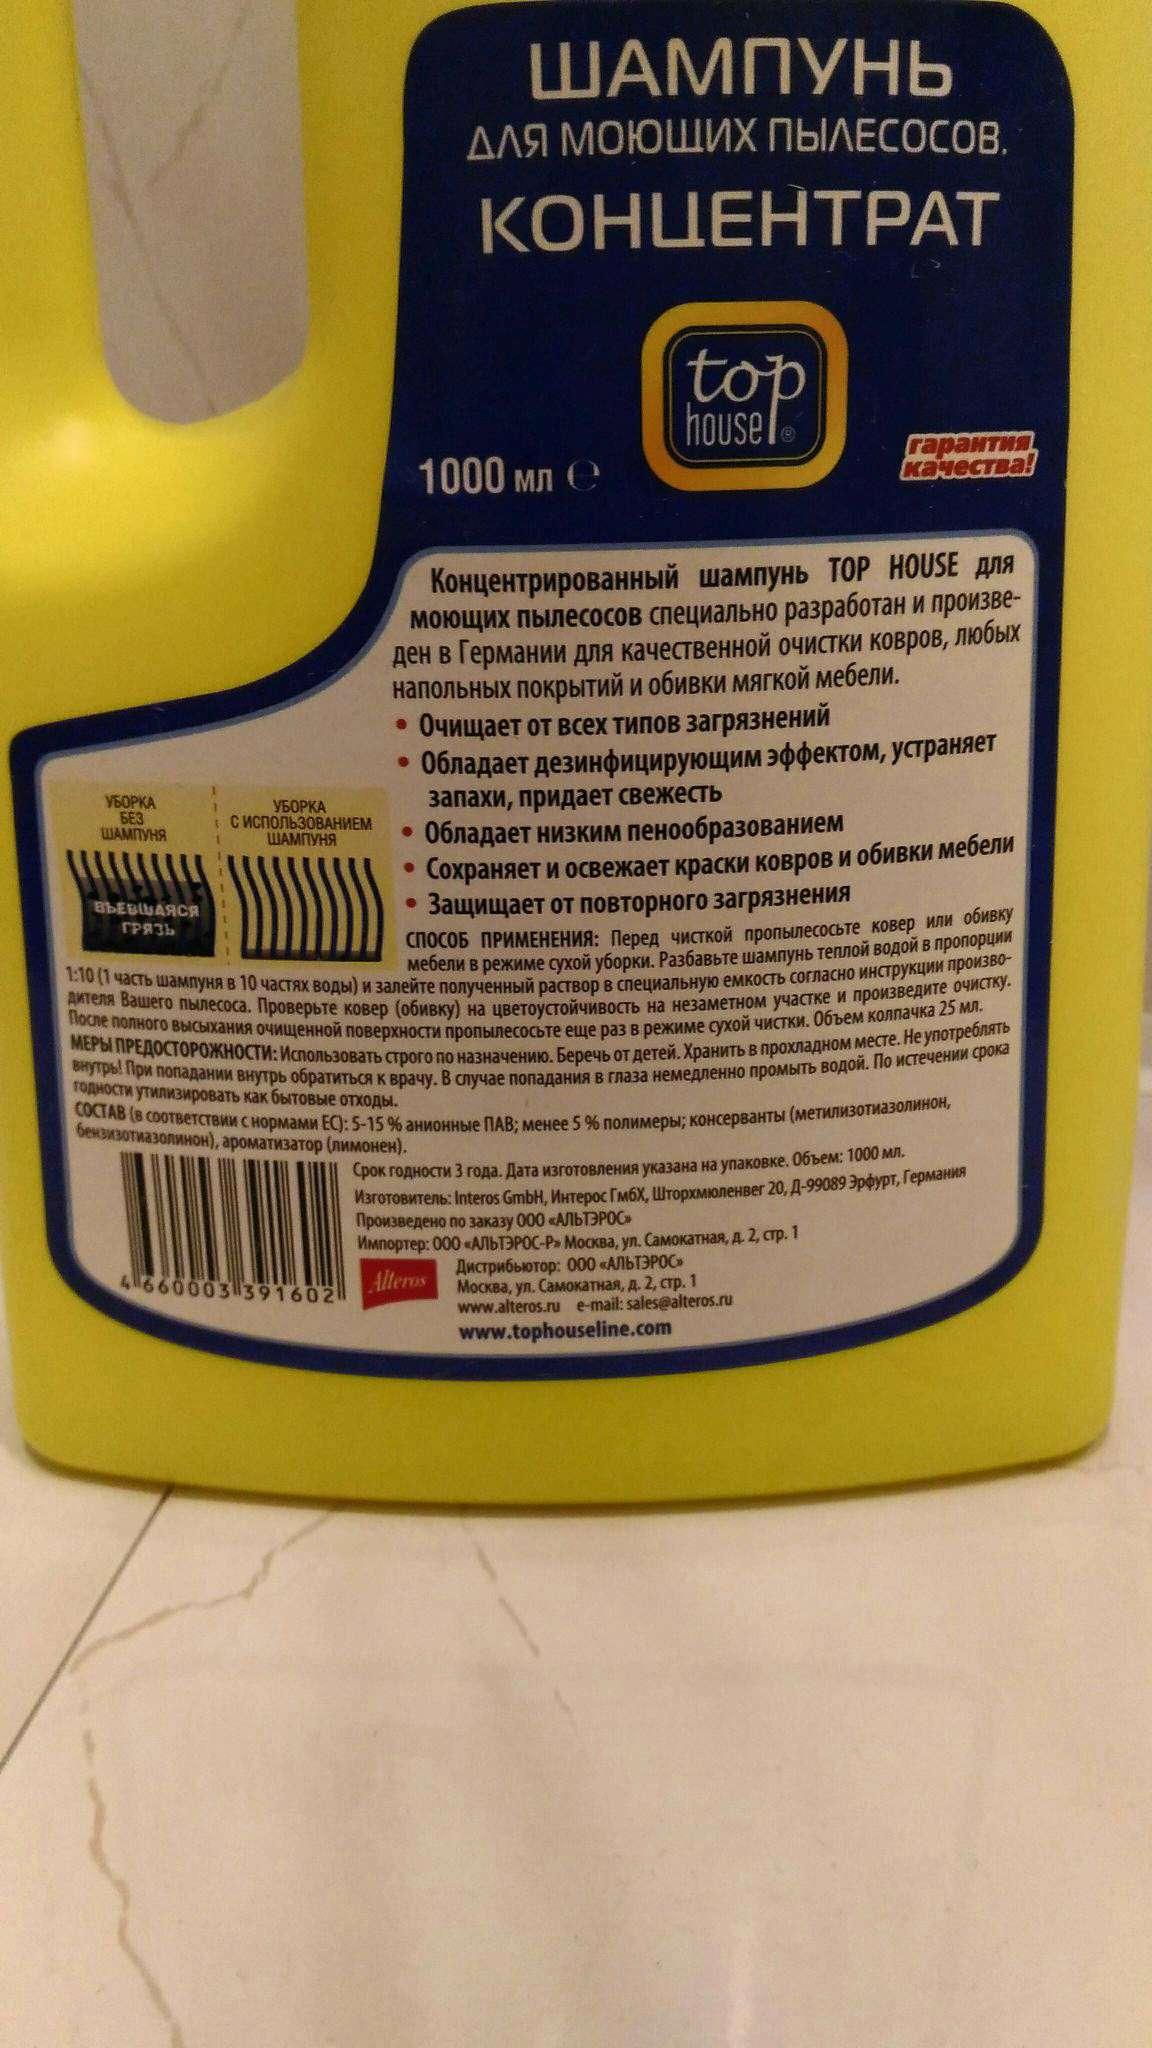 Лучшие моющие пылесосы: независимый топ-9